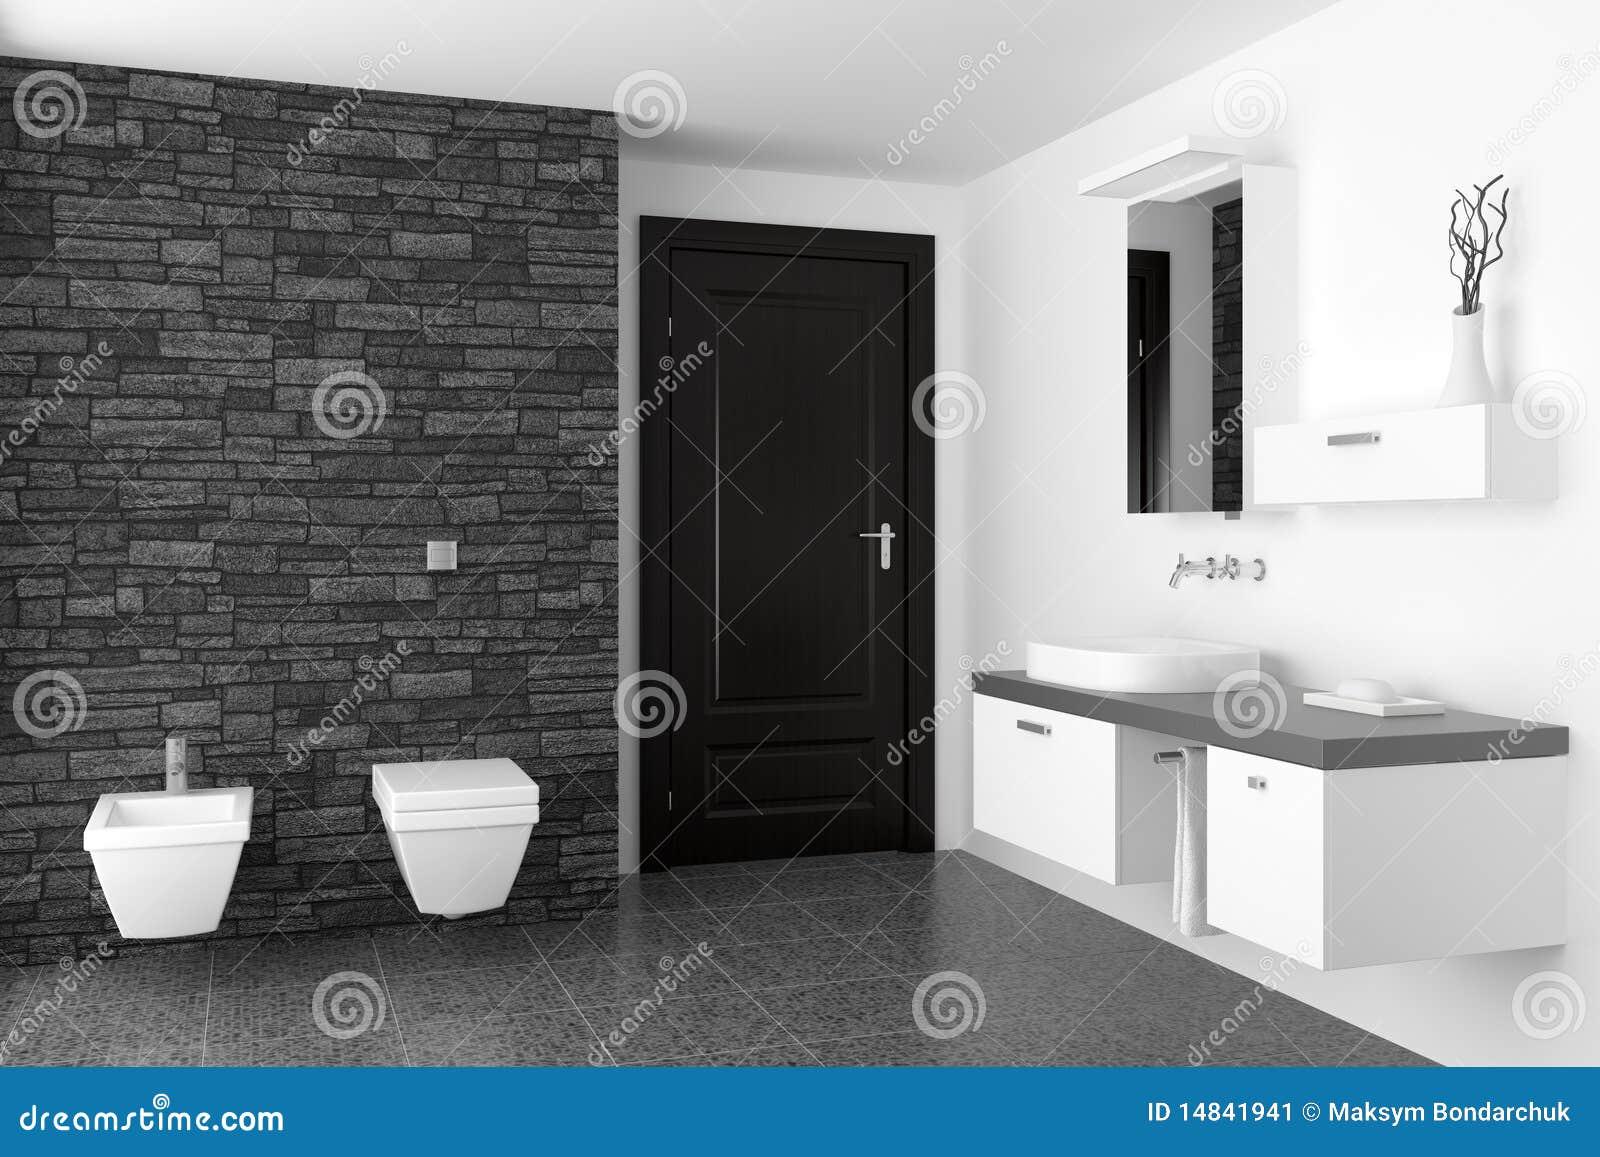 bao diseo cuarto de bao d cuarto de baufo moderno con la pared de piedra with cuarto bao moderno